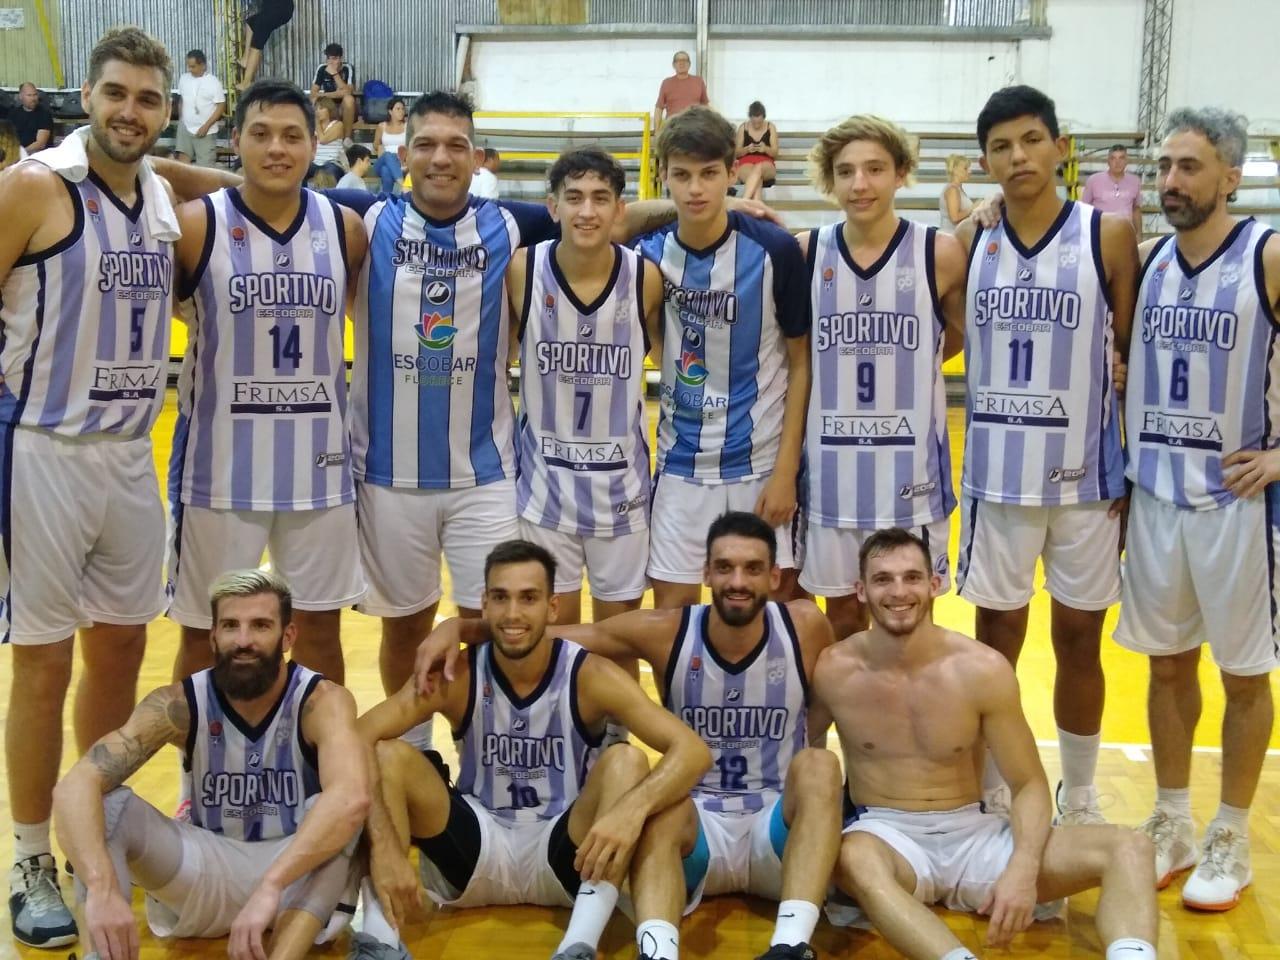 Sportivo revalidó su buen momento en La Plata